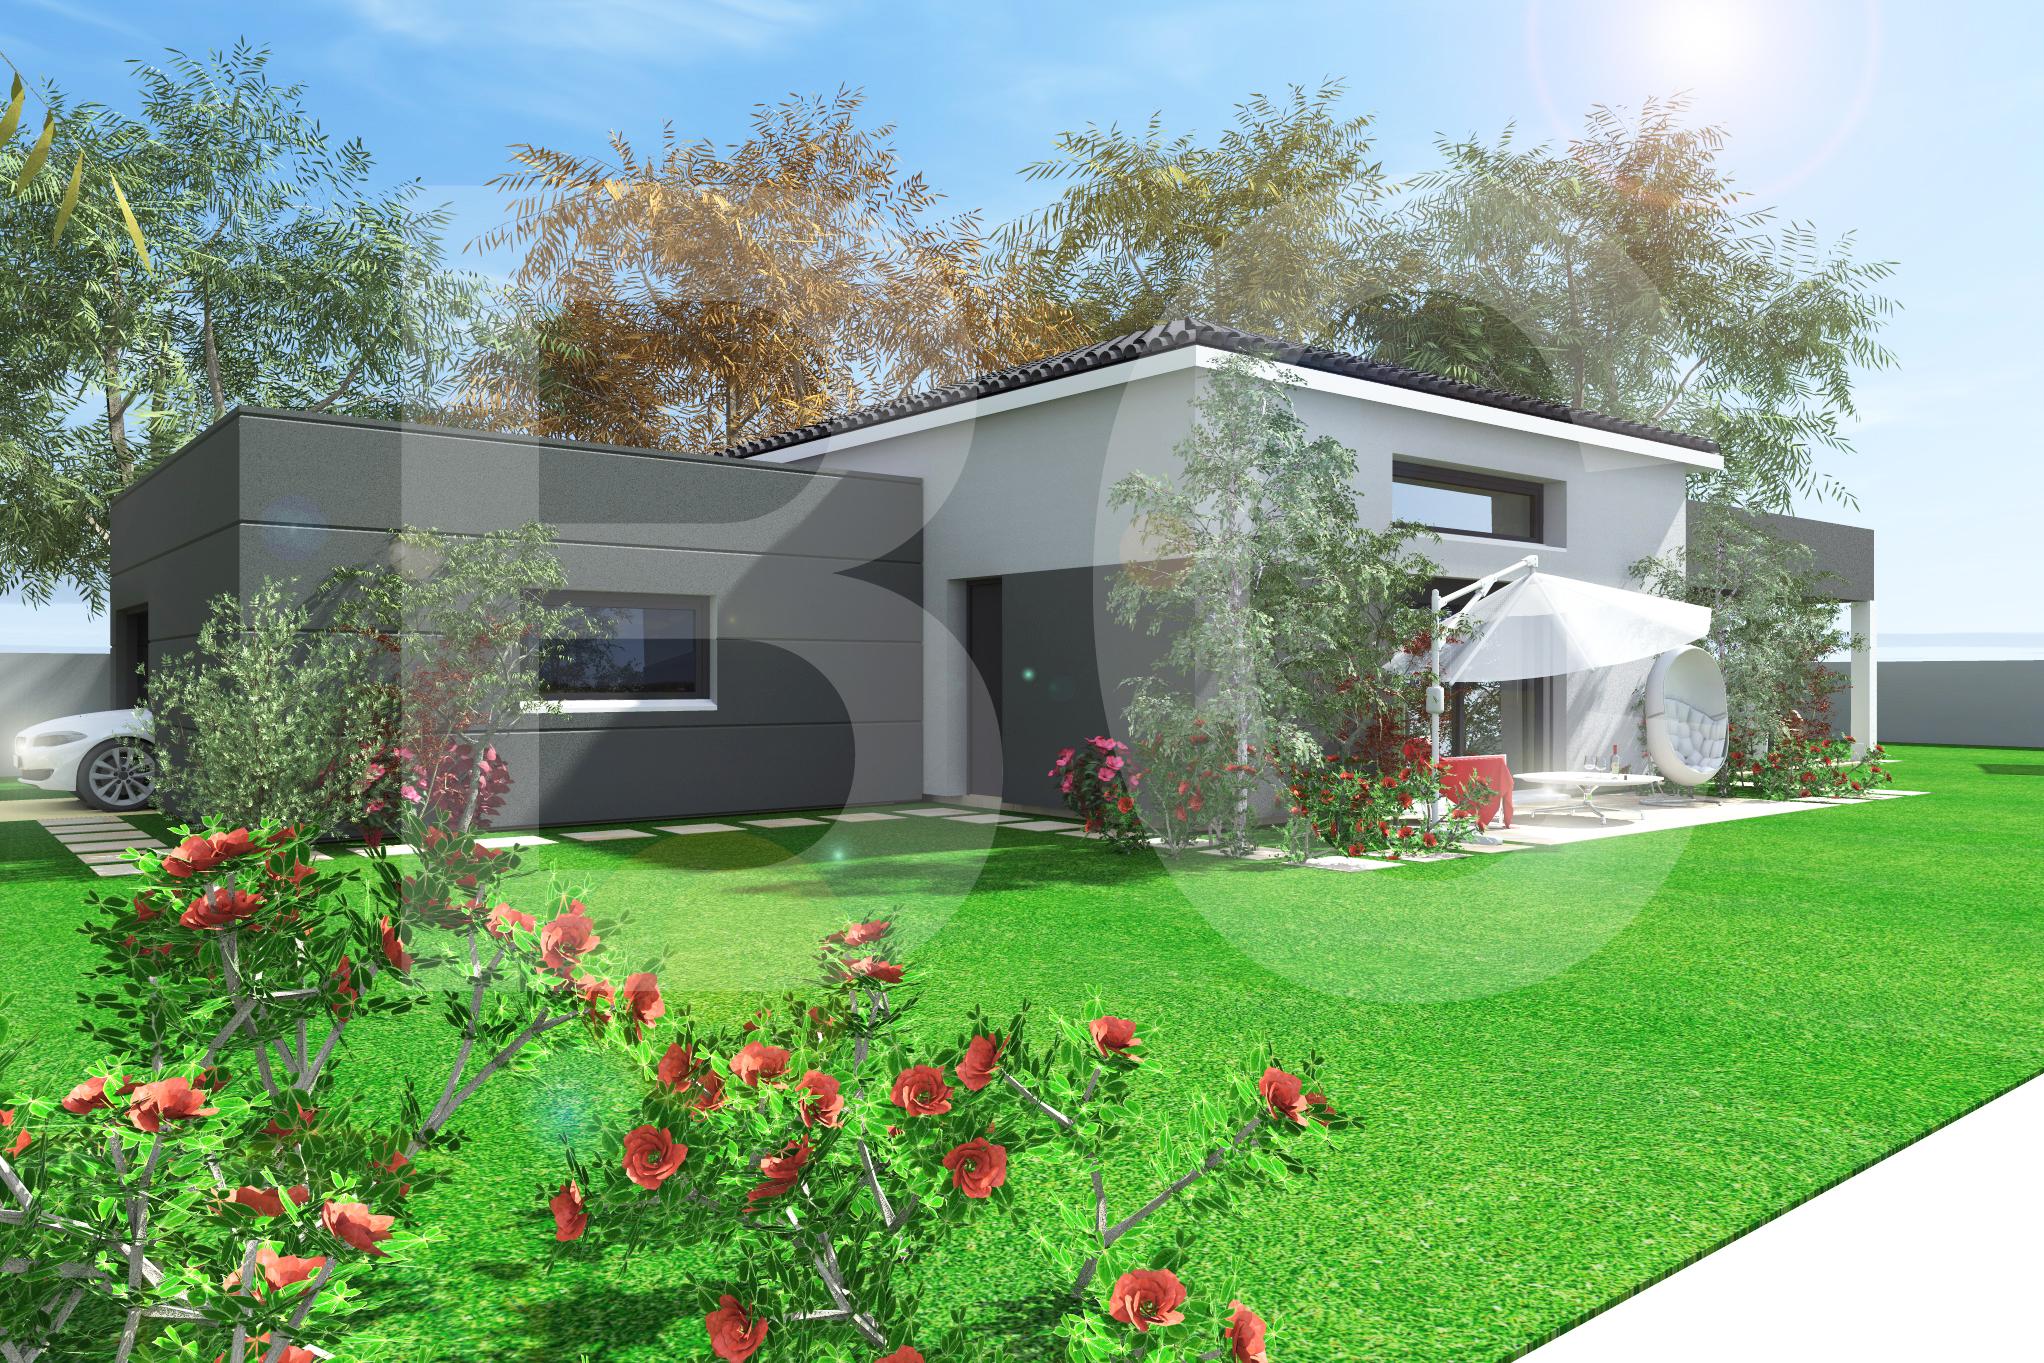 Maisons + Terrains du constructeur BATI CONCEPT 26/07 •  m² • BANNE